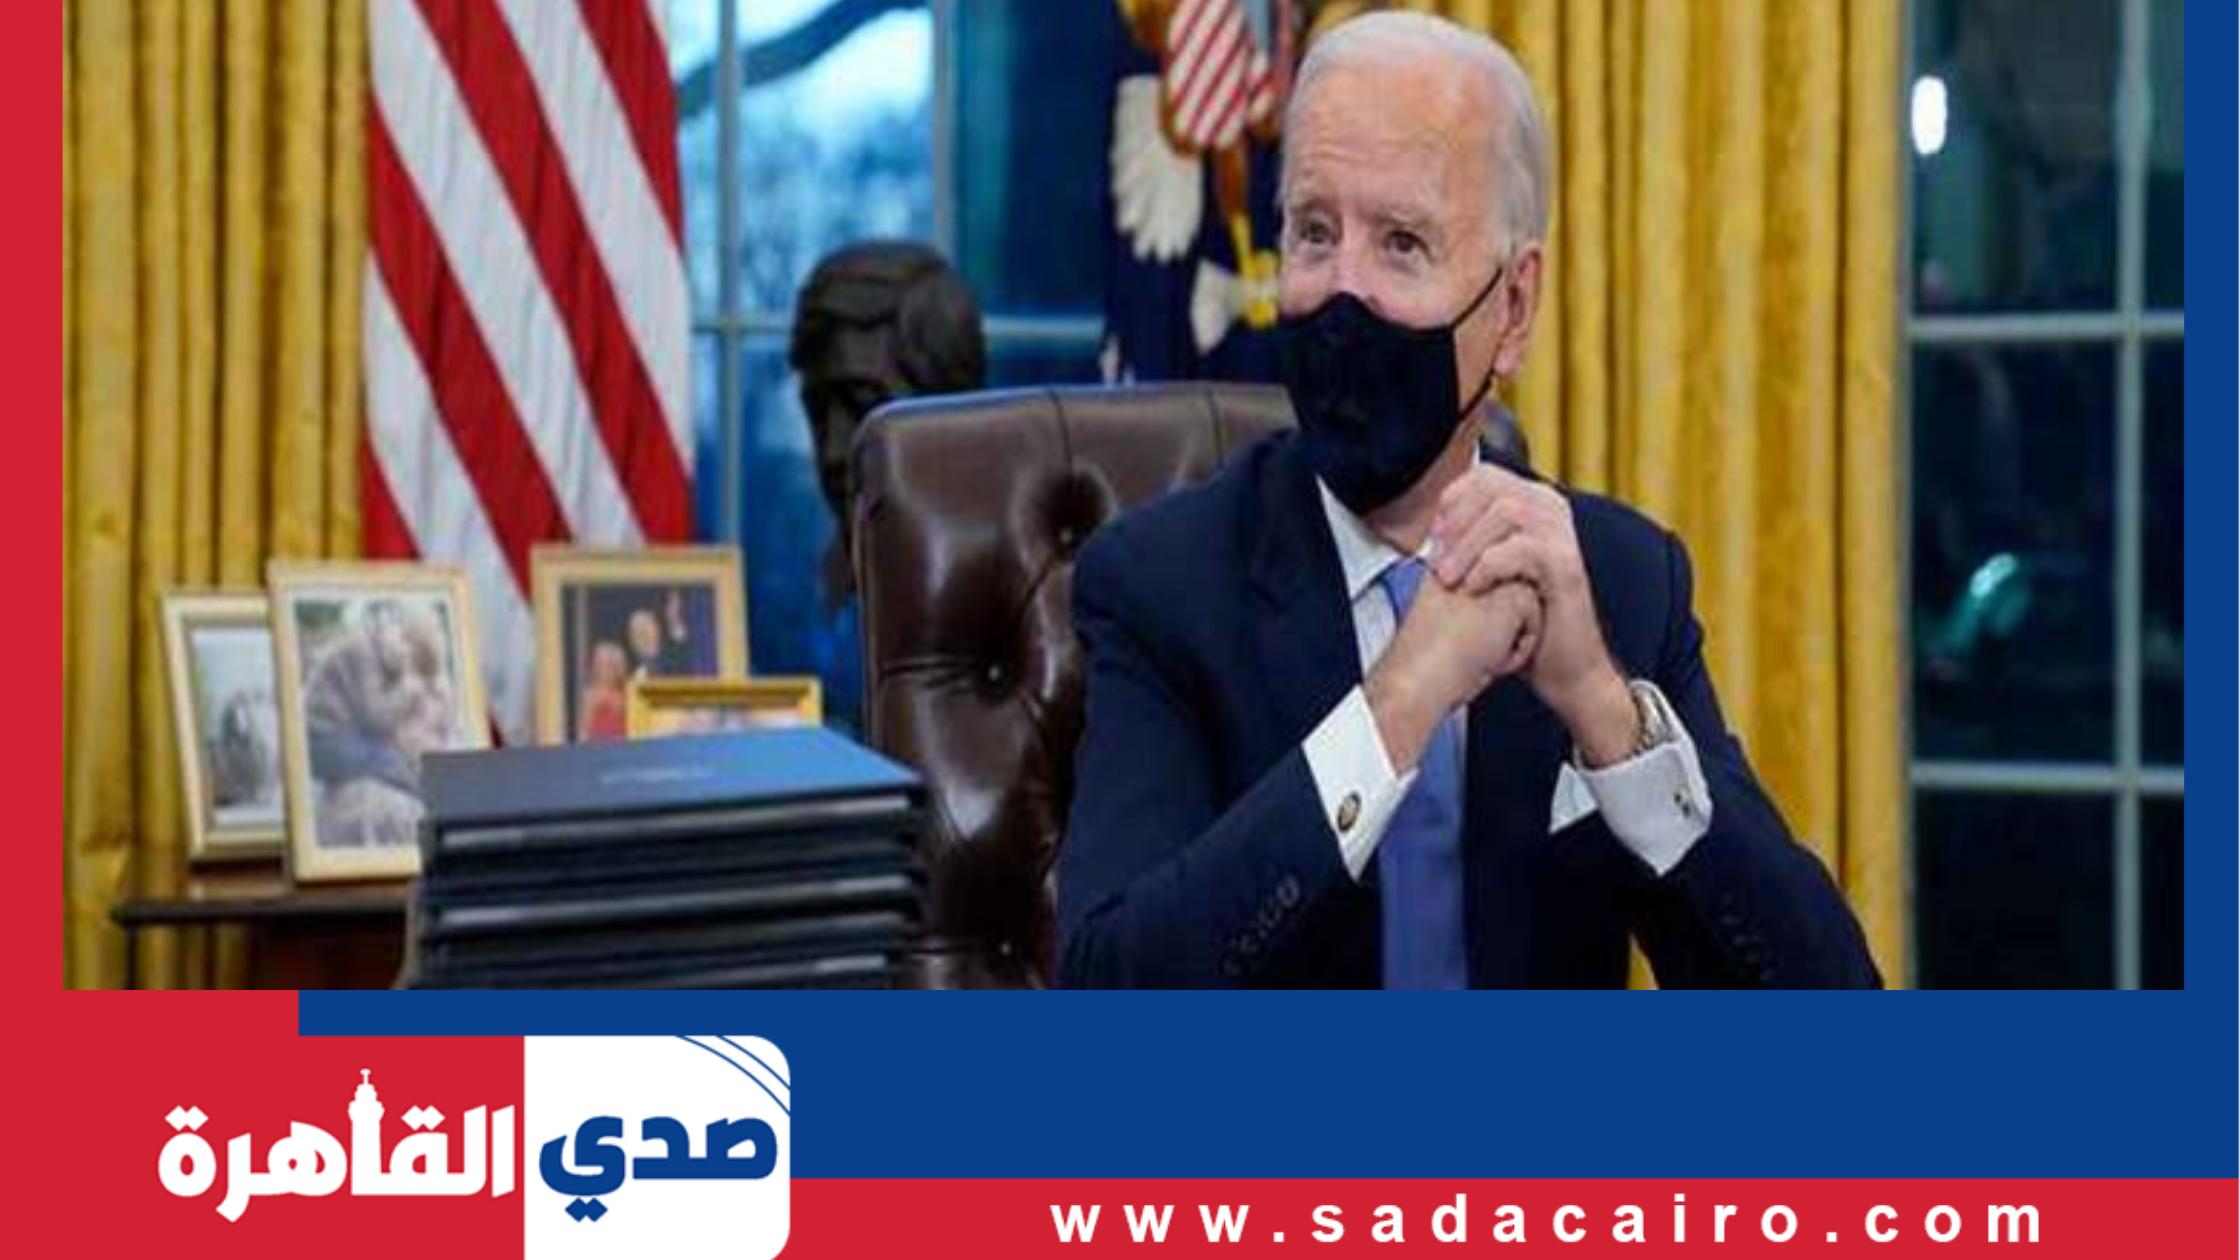 الرئيس الأمريكي يعلن فرض حالة الطواريء في ولاية فلوريدا